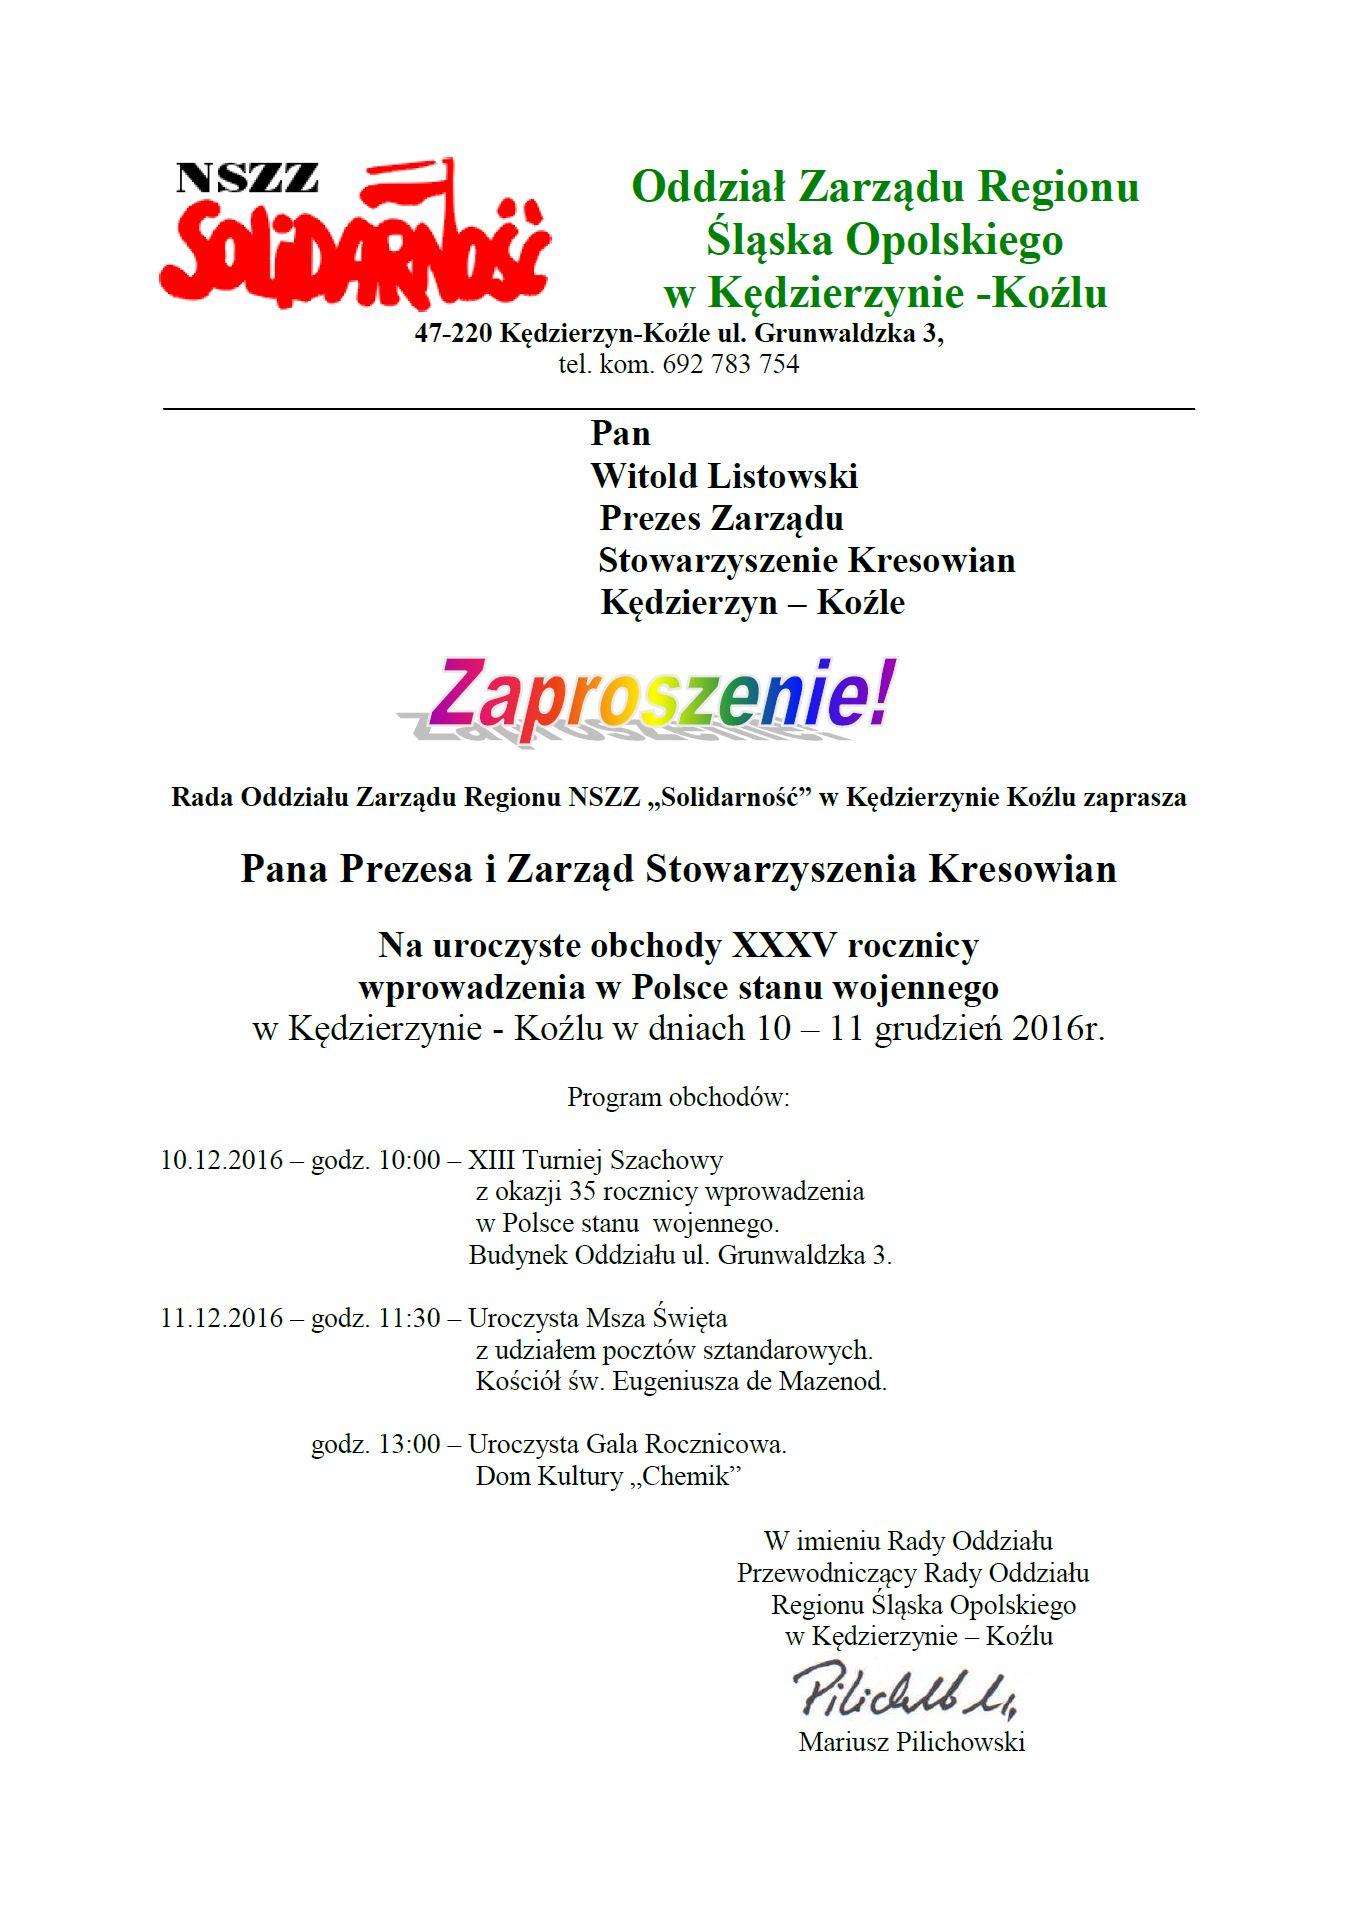 zaproszenie-prezes-stowasrzyszenia-kresowian